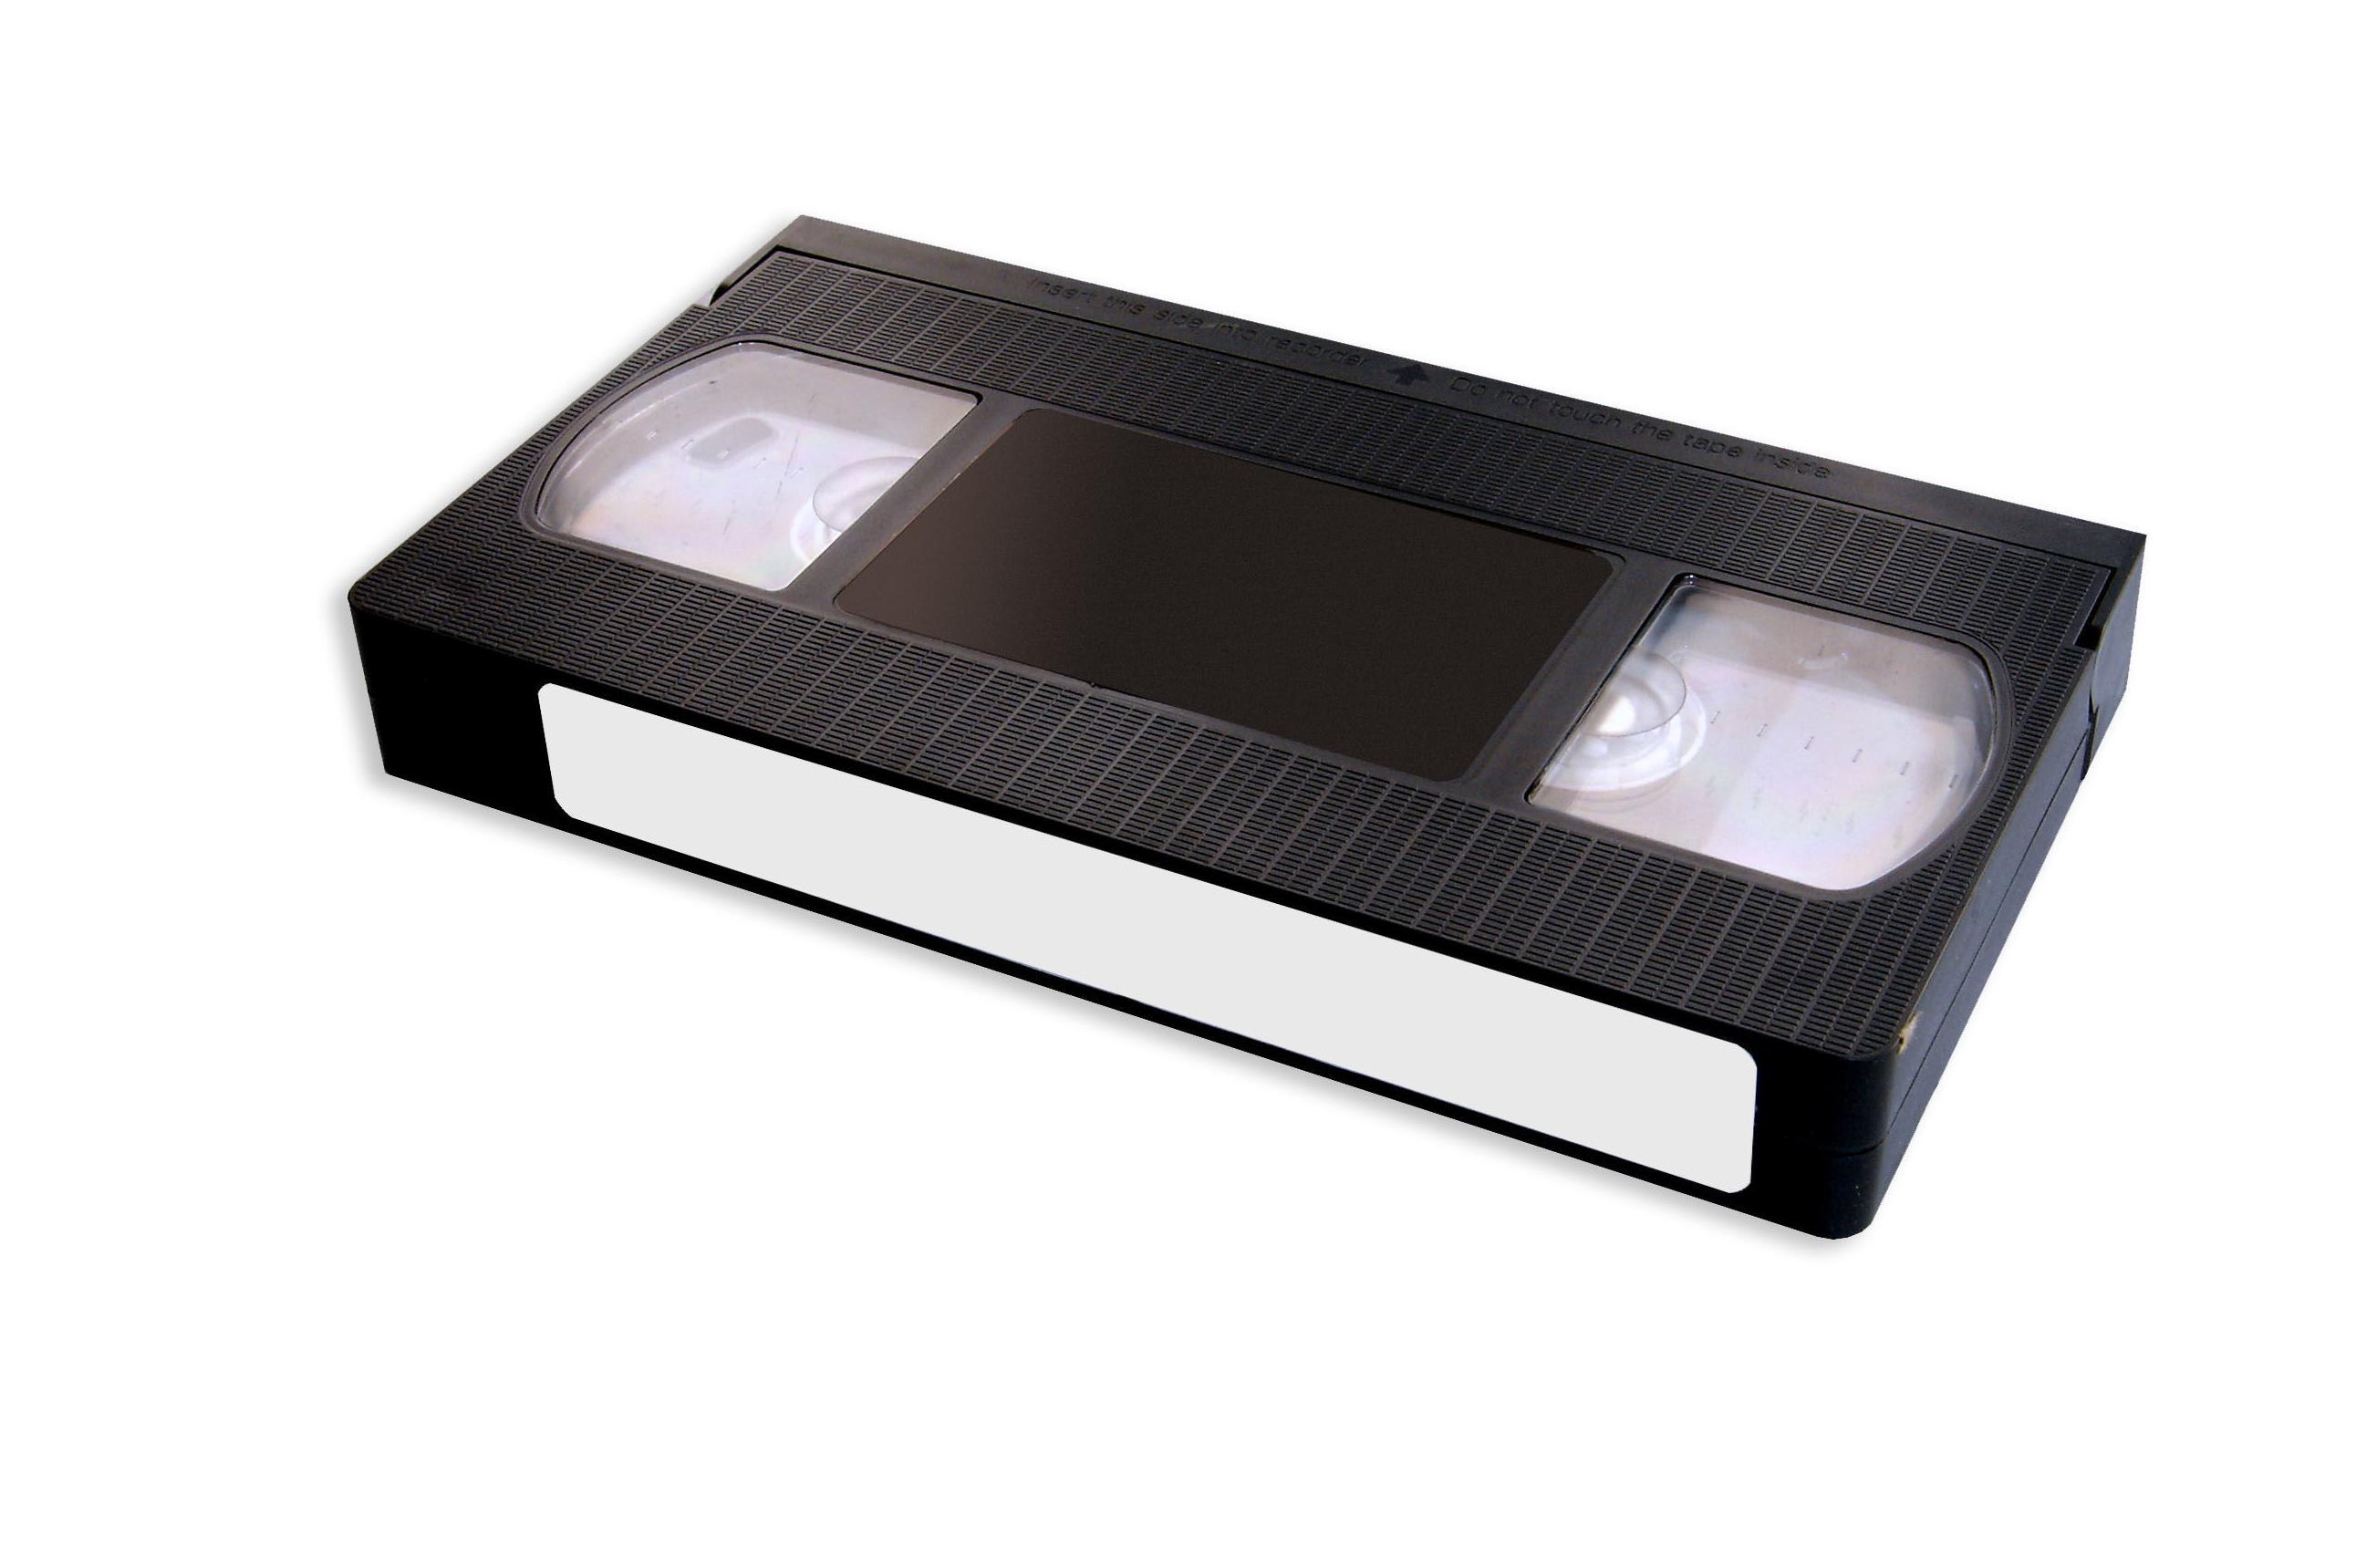 Video a DVD: Servicios de Digicopy